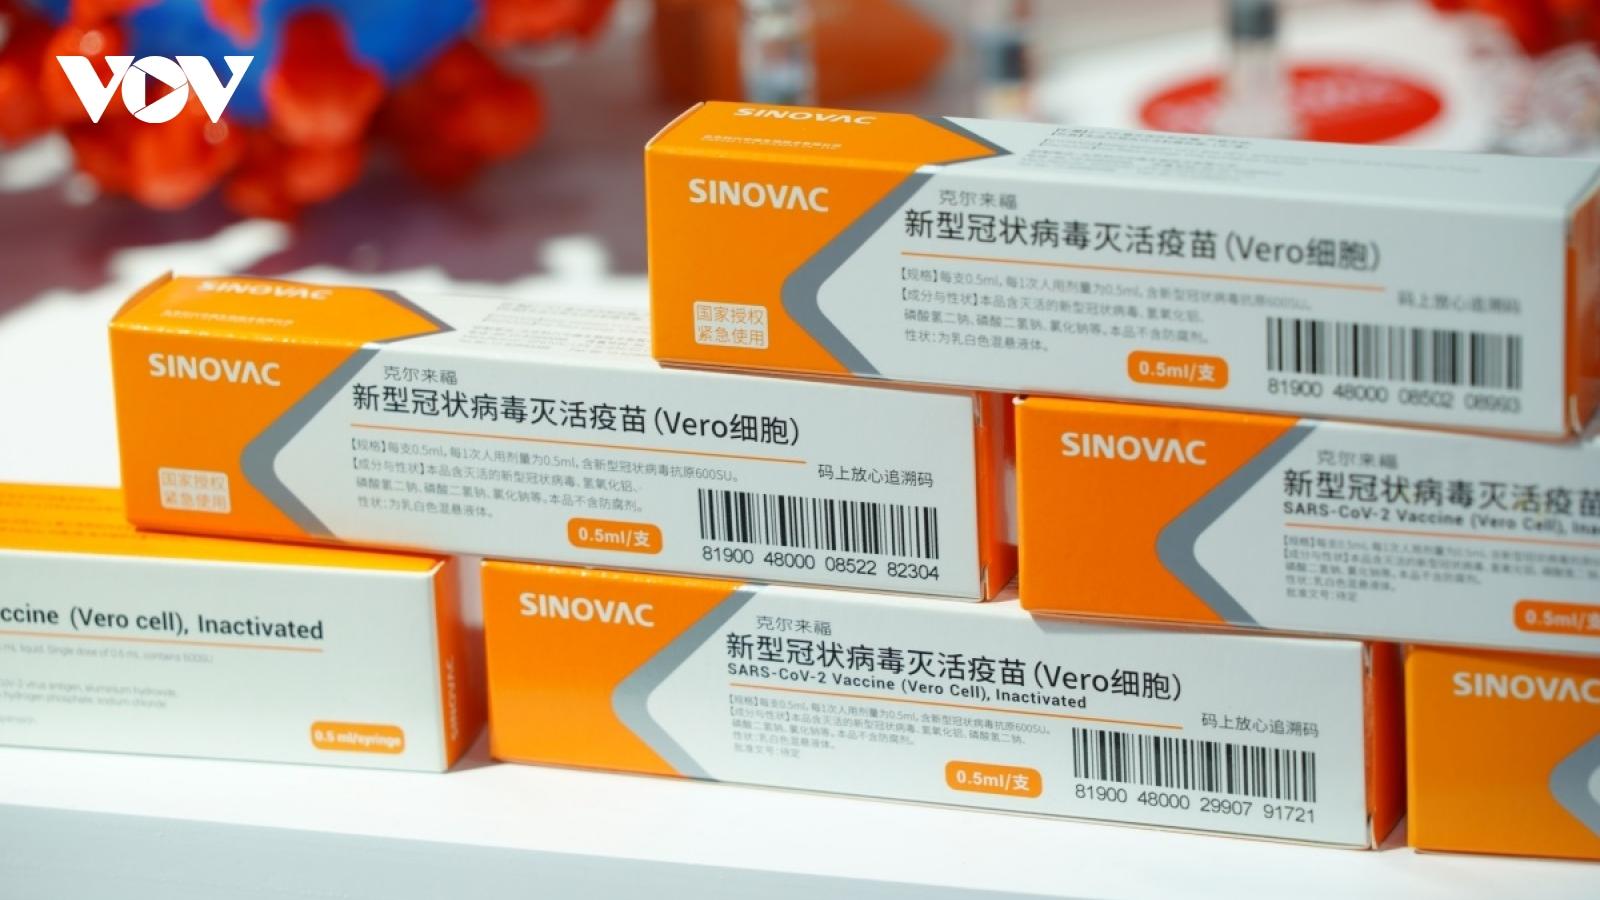 Trung Quốccôngbố dữ liệu thử nghiệm lâm sàng vaccine Covid-19 thứ hai